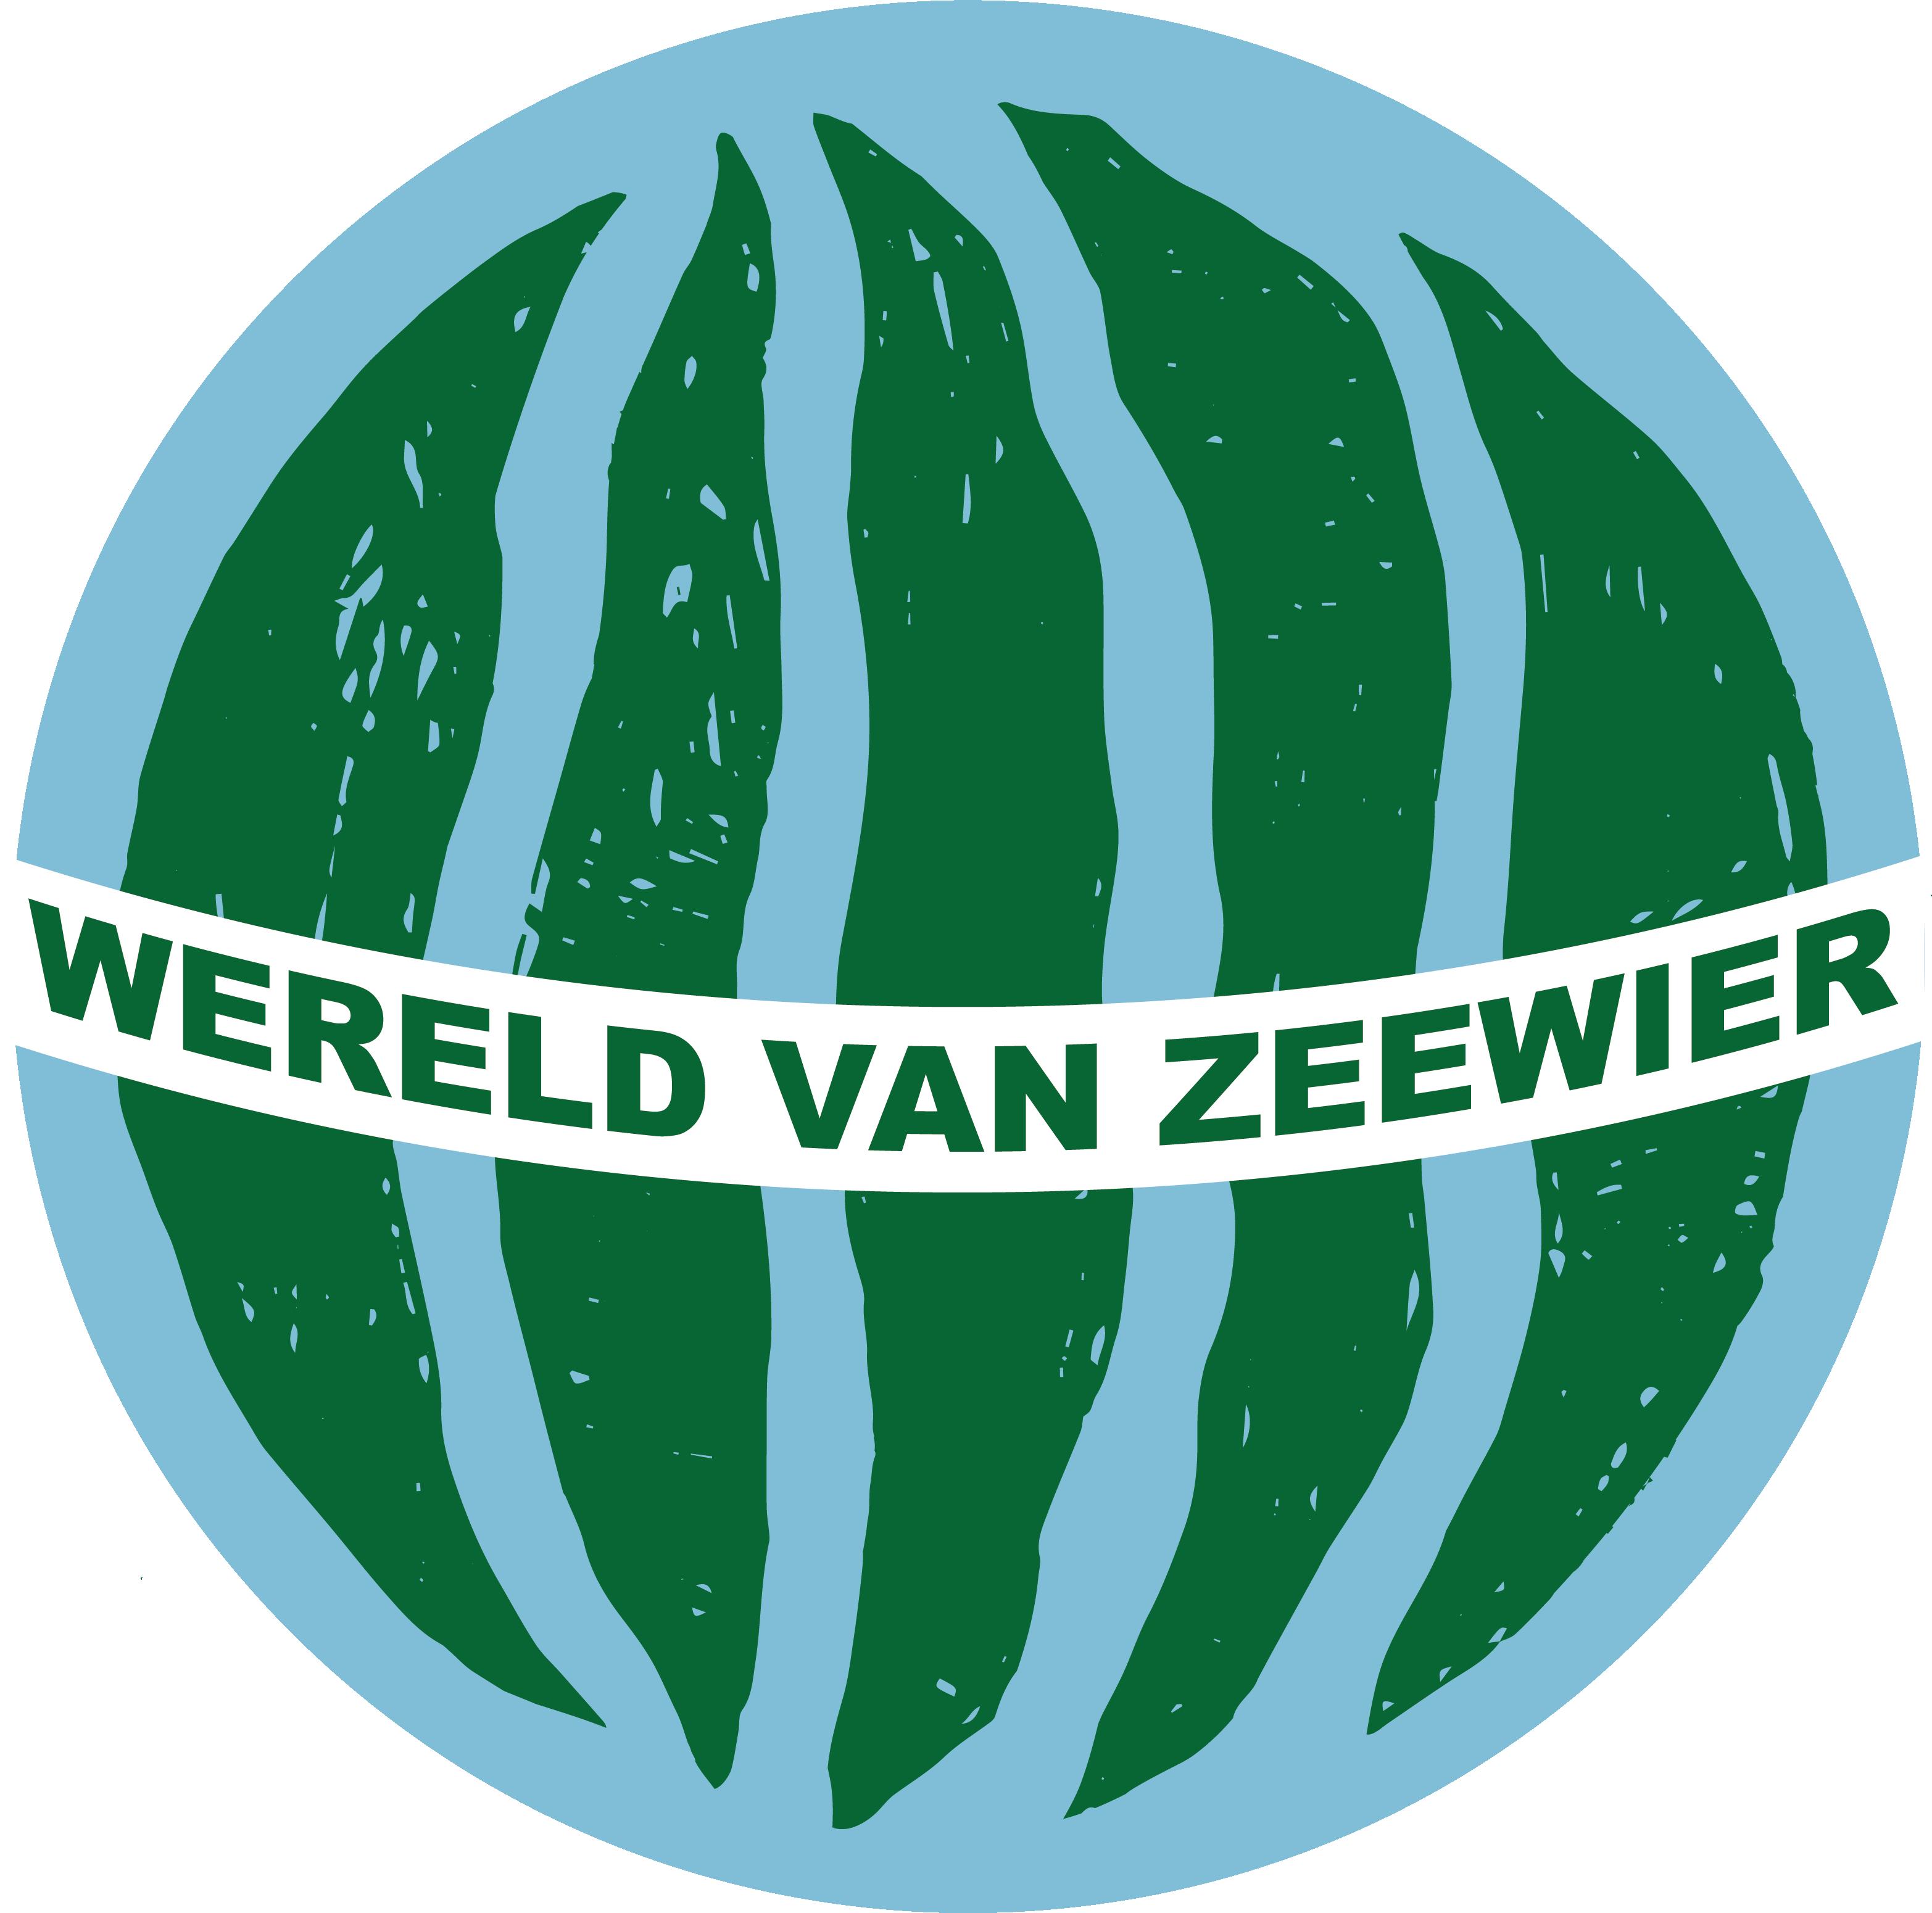 www.wereldvanzeewier.nl